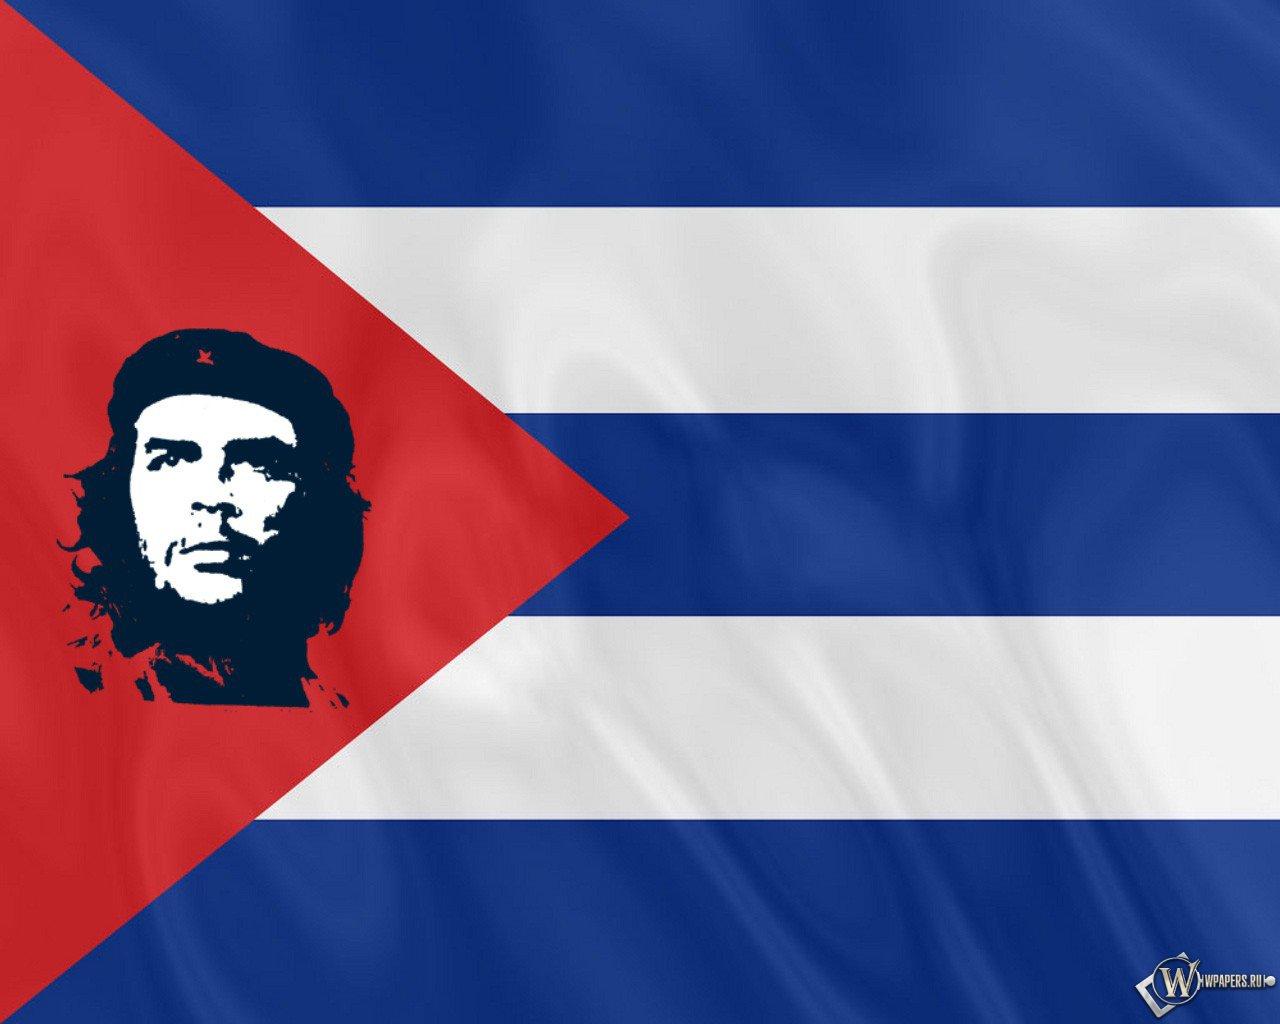 Cuban Flag Wallpaper 1280x1024